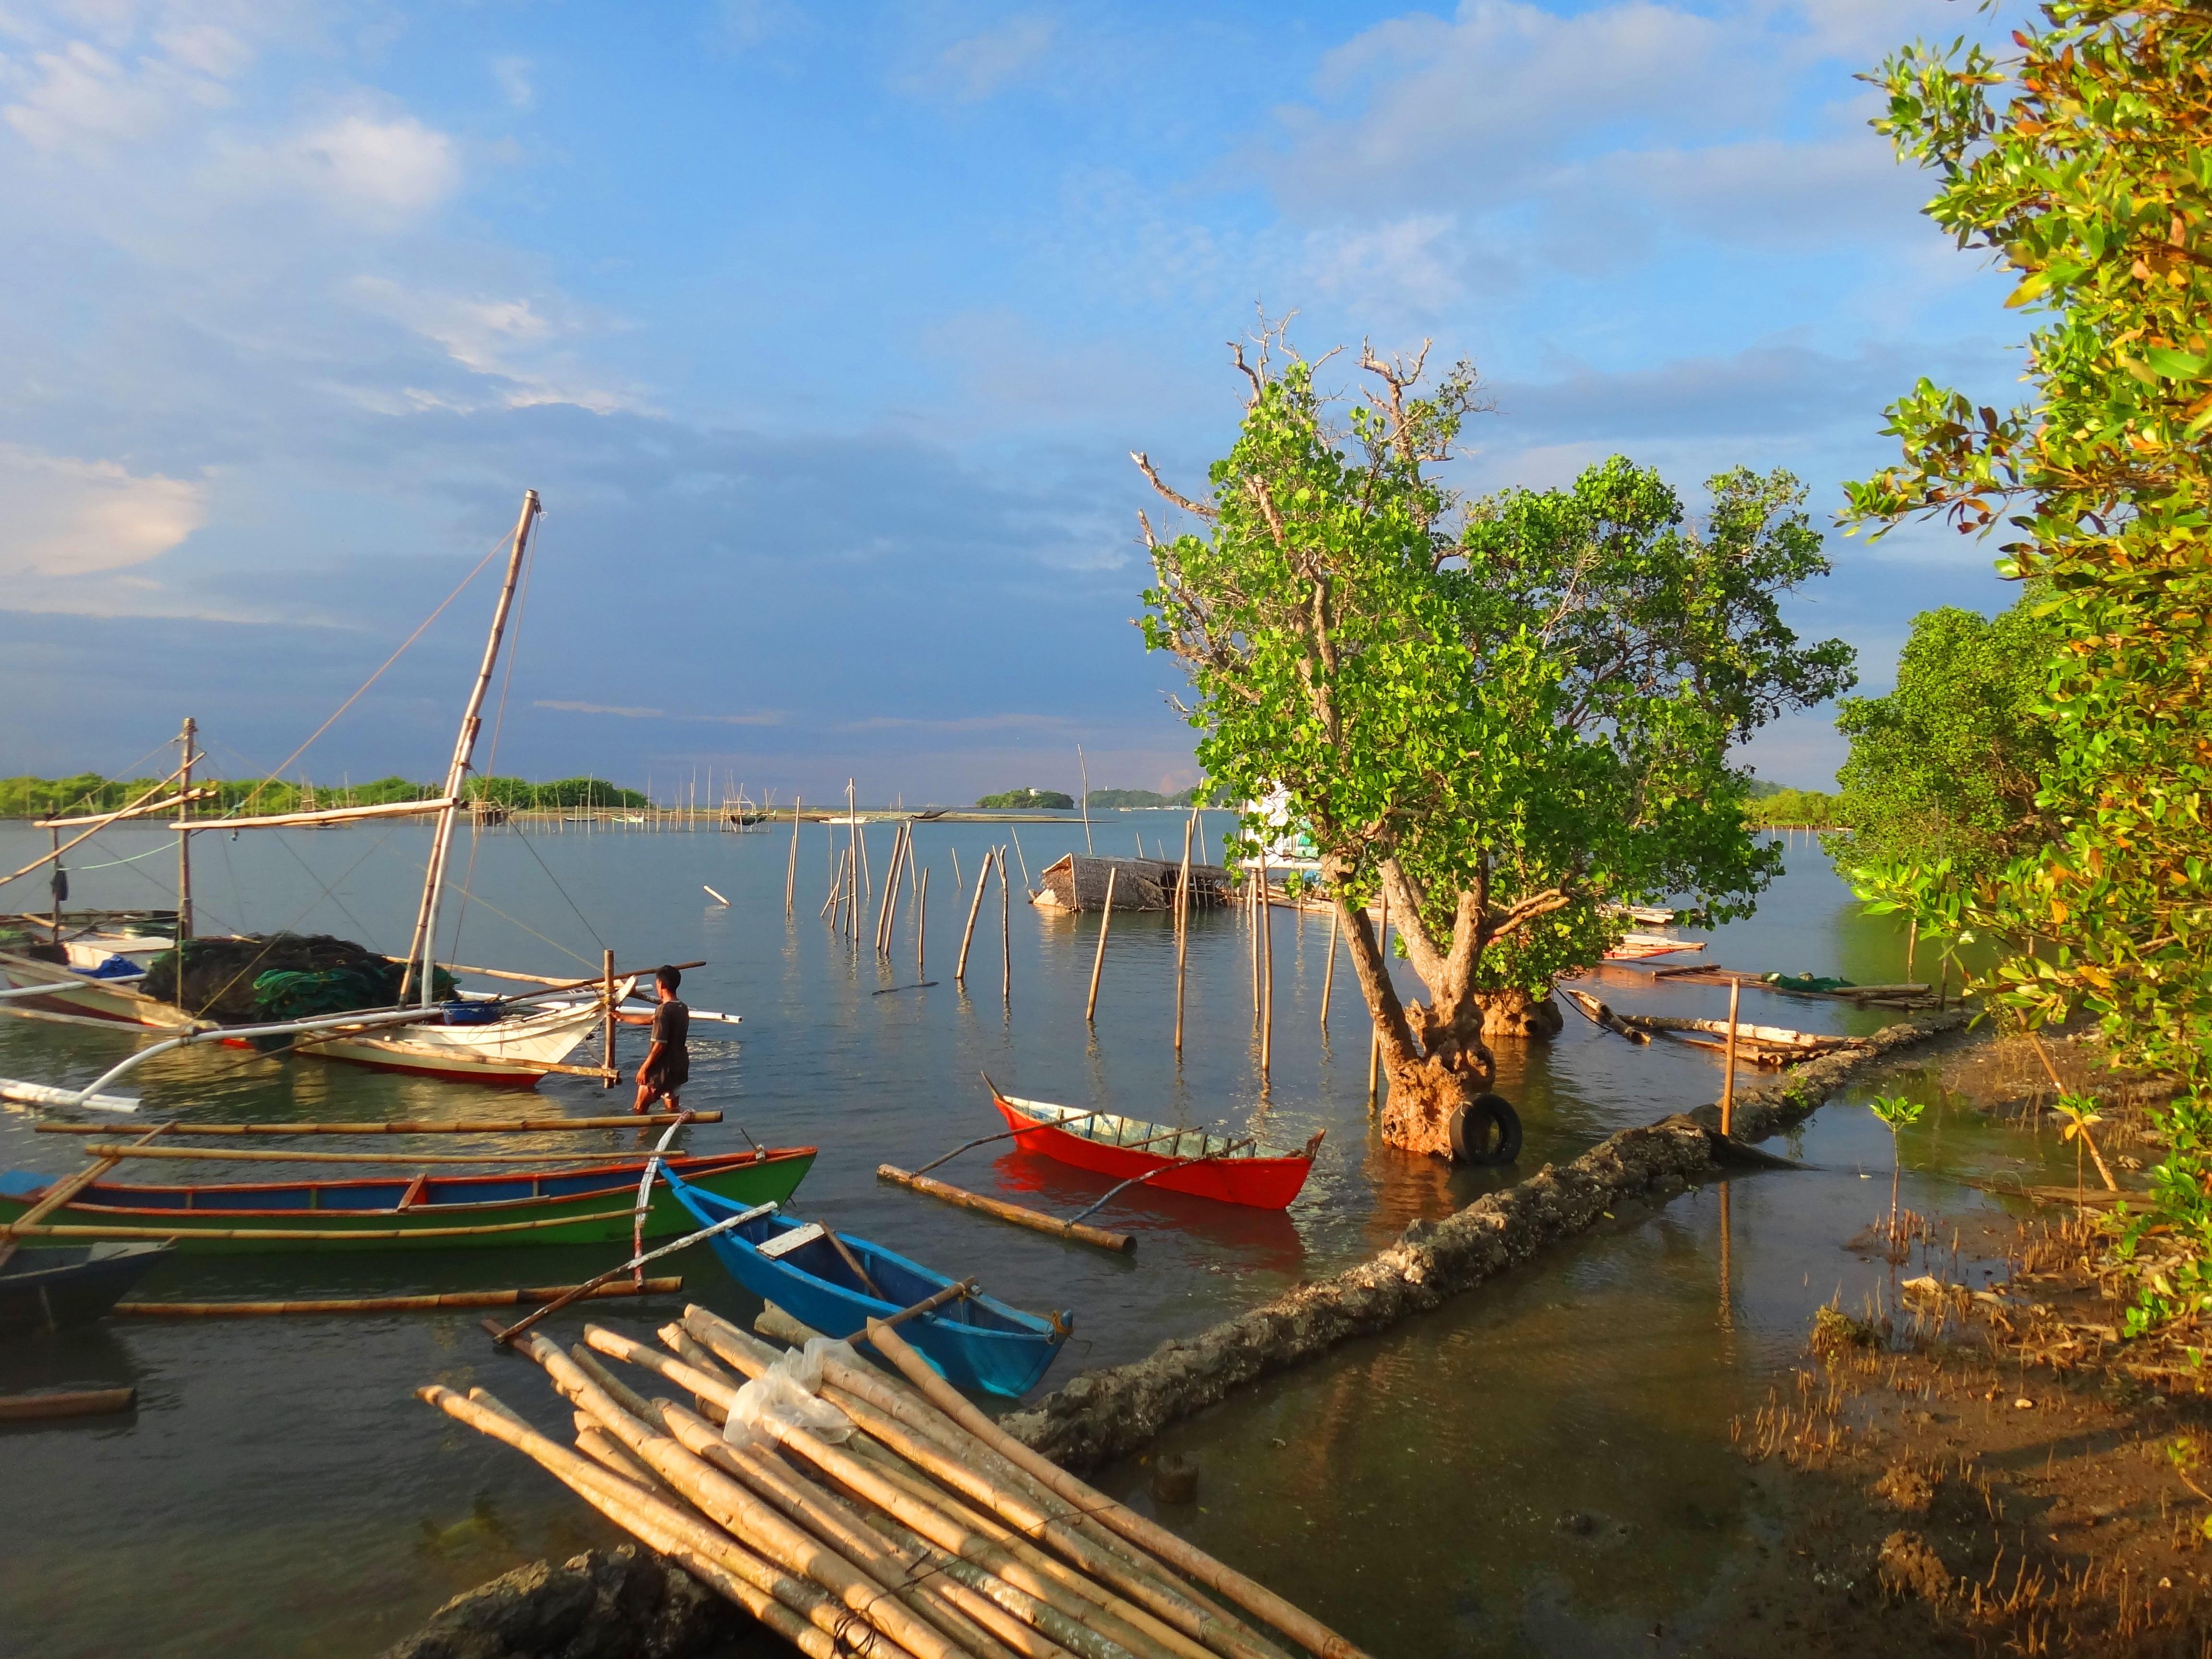 Roxas City (Capiz) Philippines  city photos gallery : Palina river cruise, Roxas City, Capiz, Philippines 2